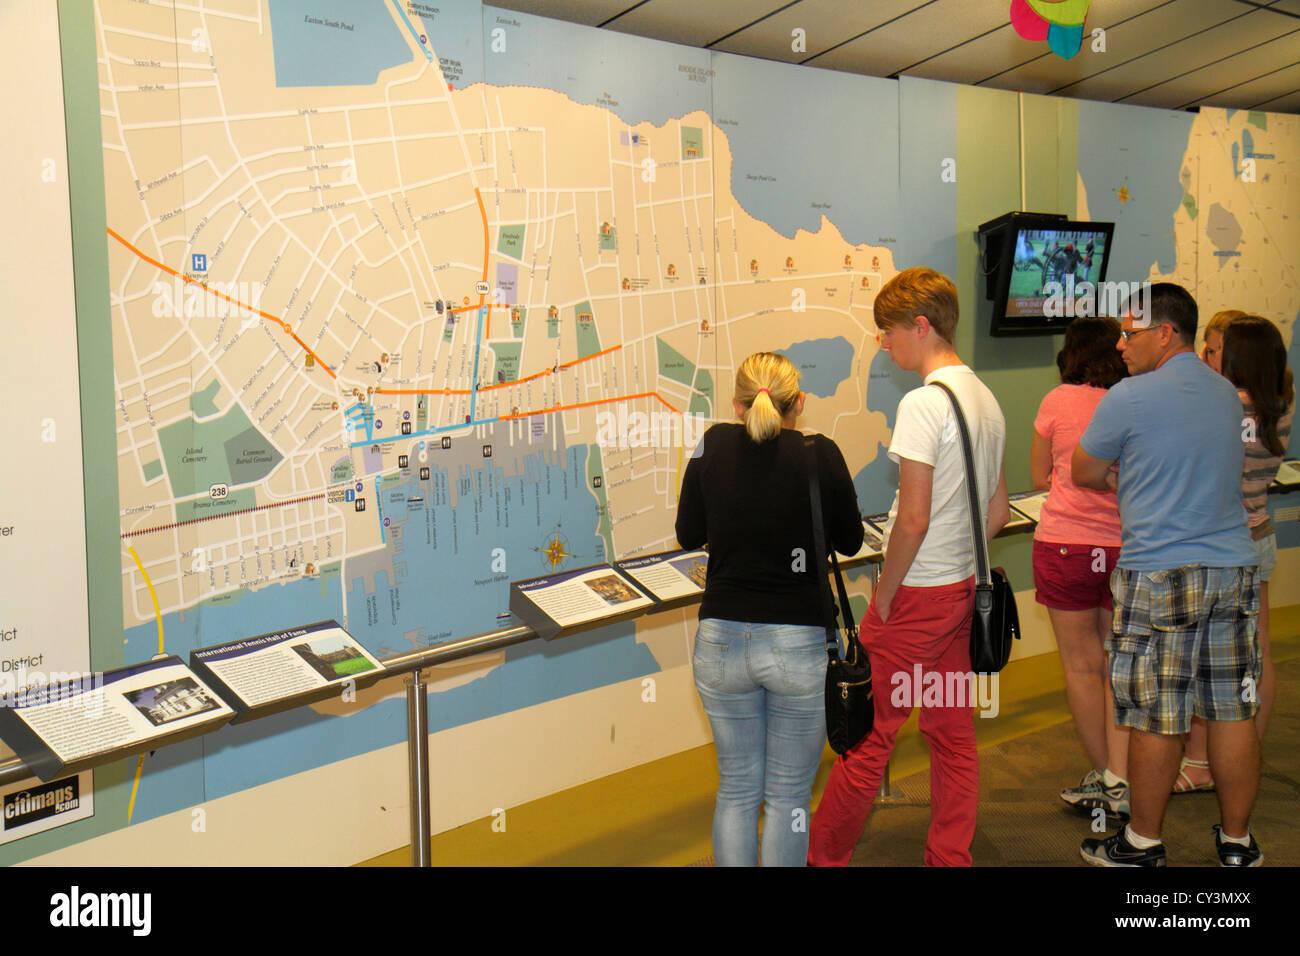 Découvrir Newport Newport Rhode Island Visitors Center map la pièce homme femme famille Photo Stock